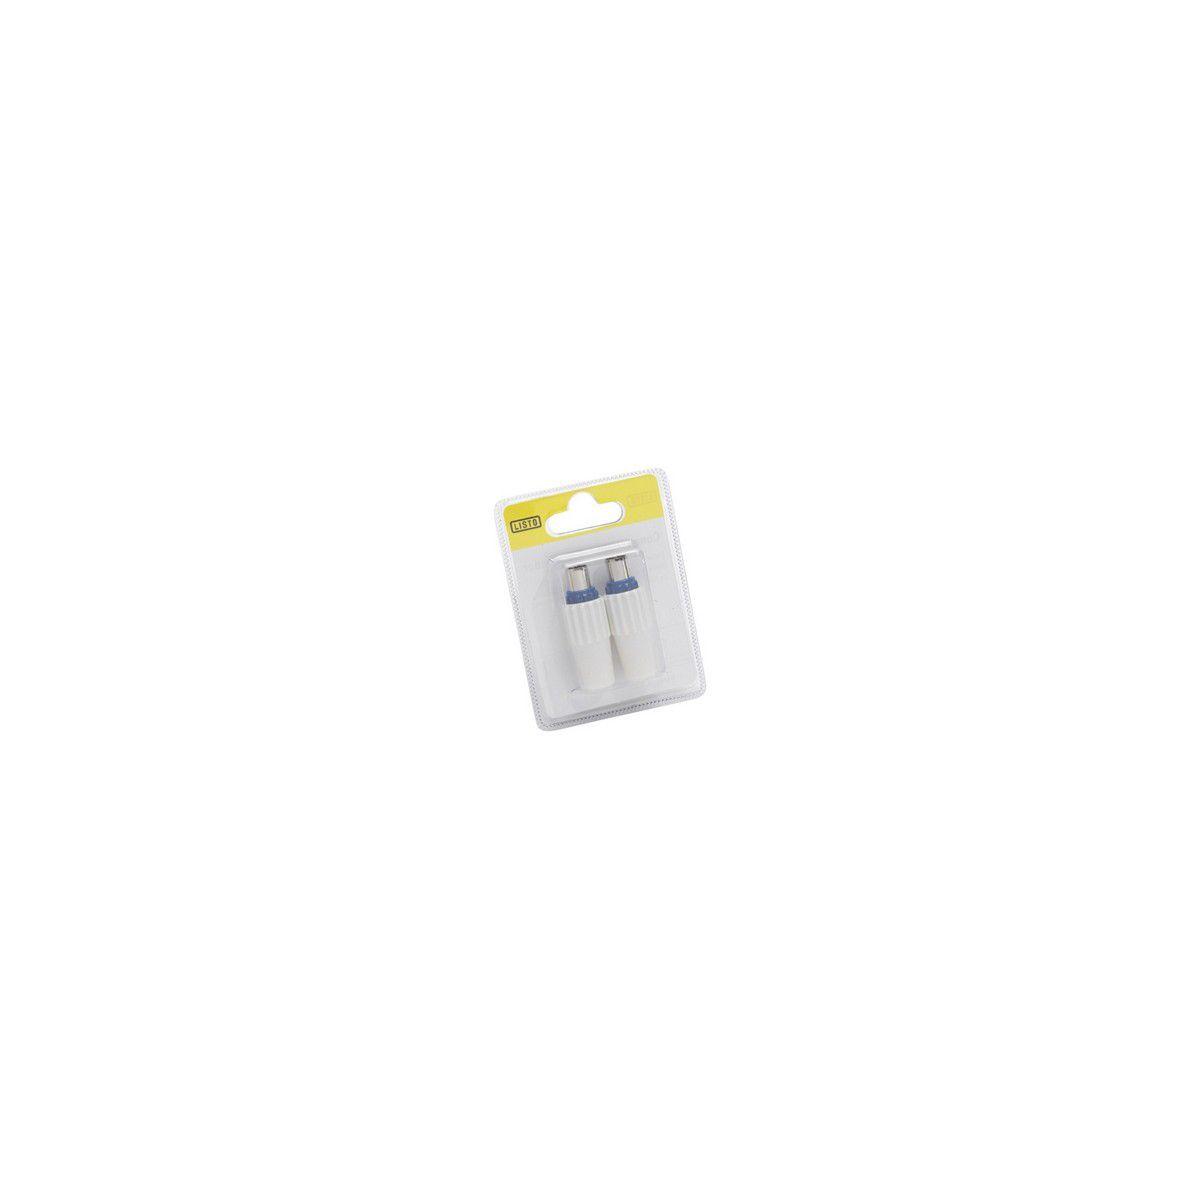 Fiche sc coaxiale droite- 2m - produit coup de coeur webdistrib.com ! (photo)